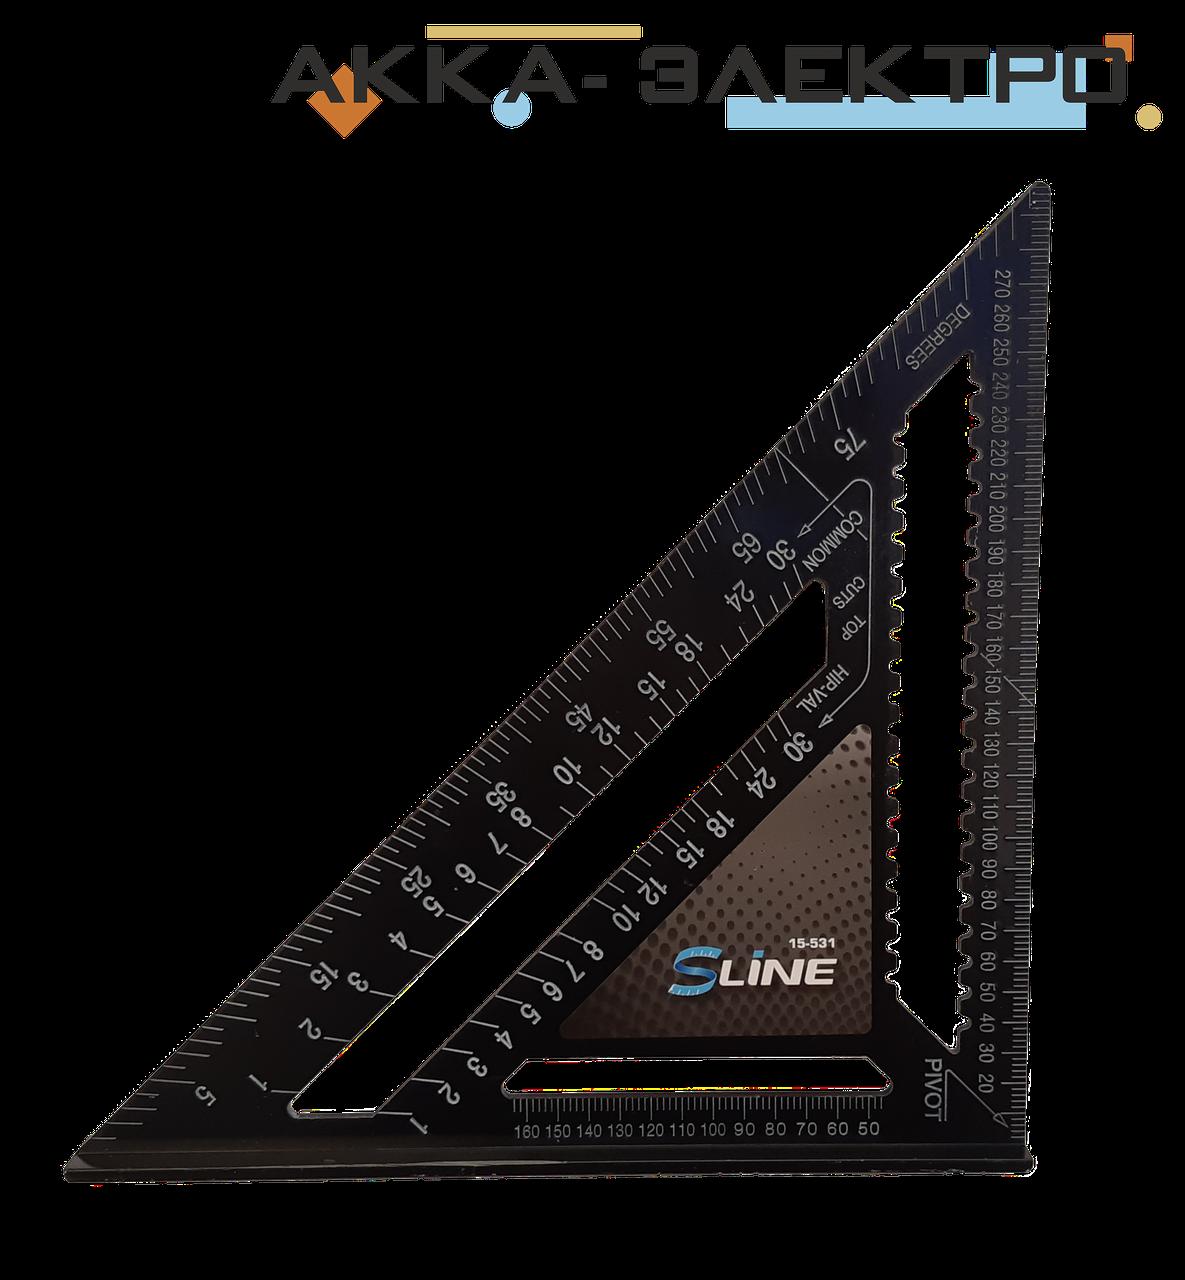 Косинець універсальний алюмінієвий 304х304х428мм S-LINE (15-531)